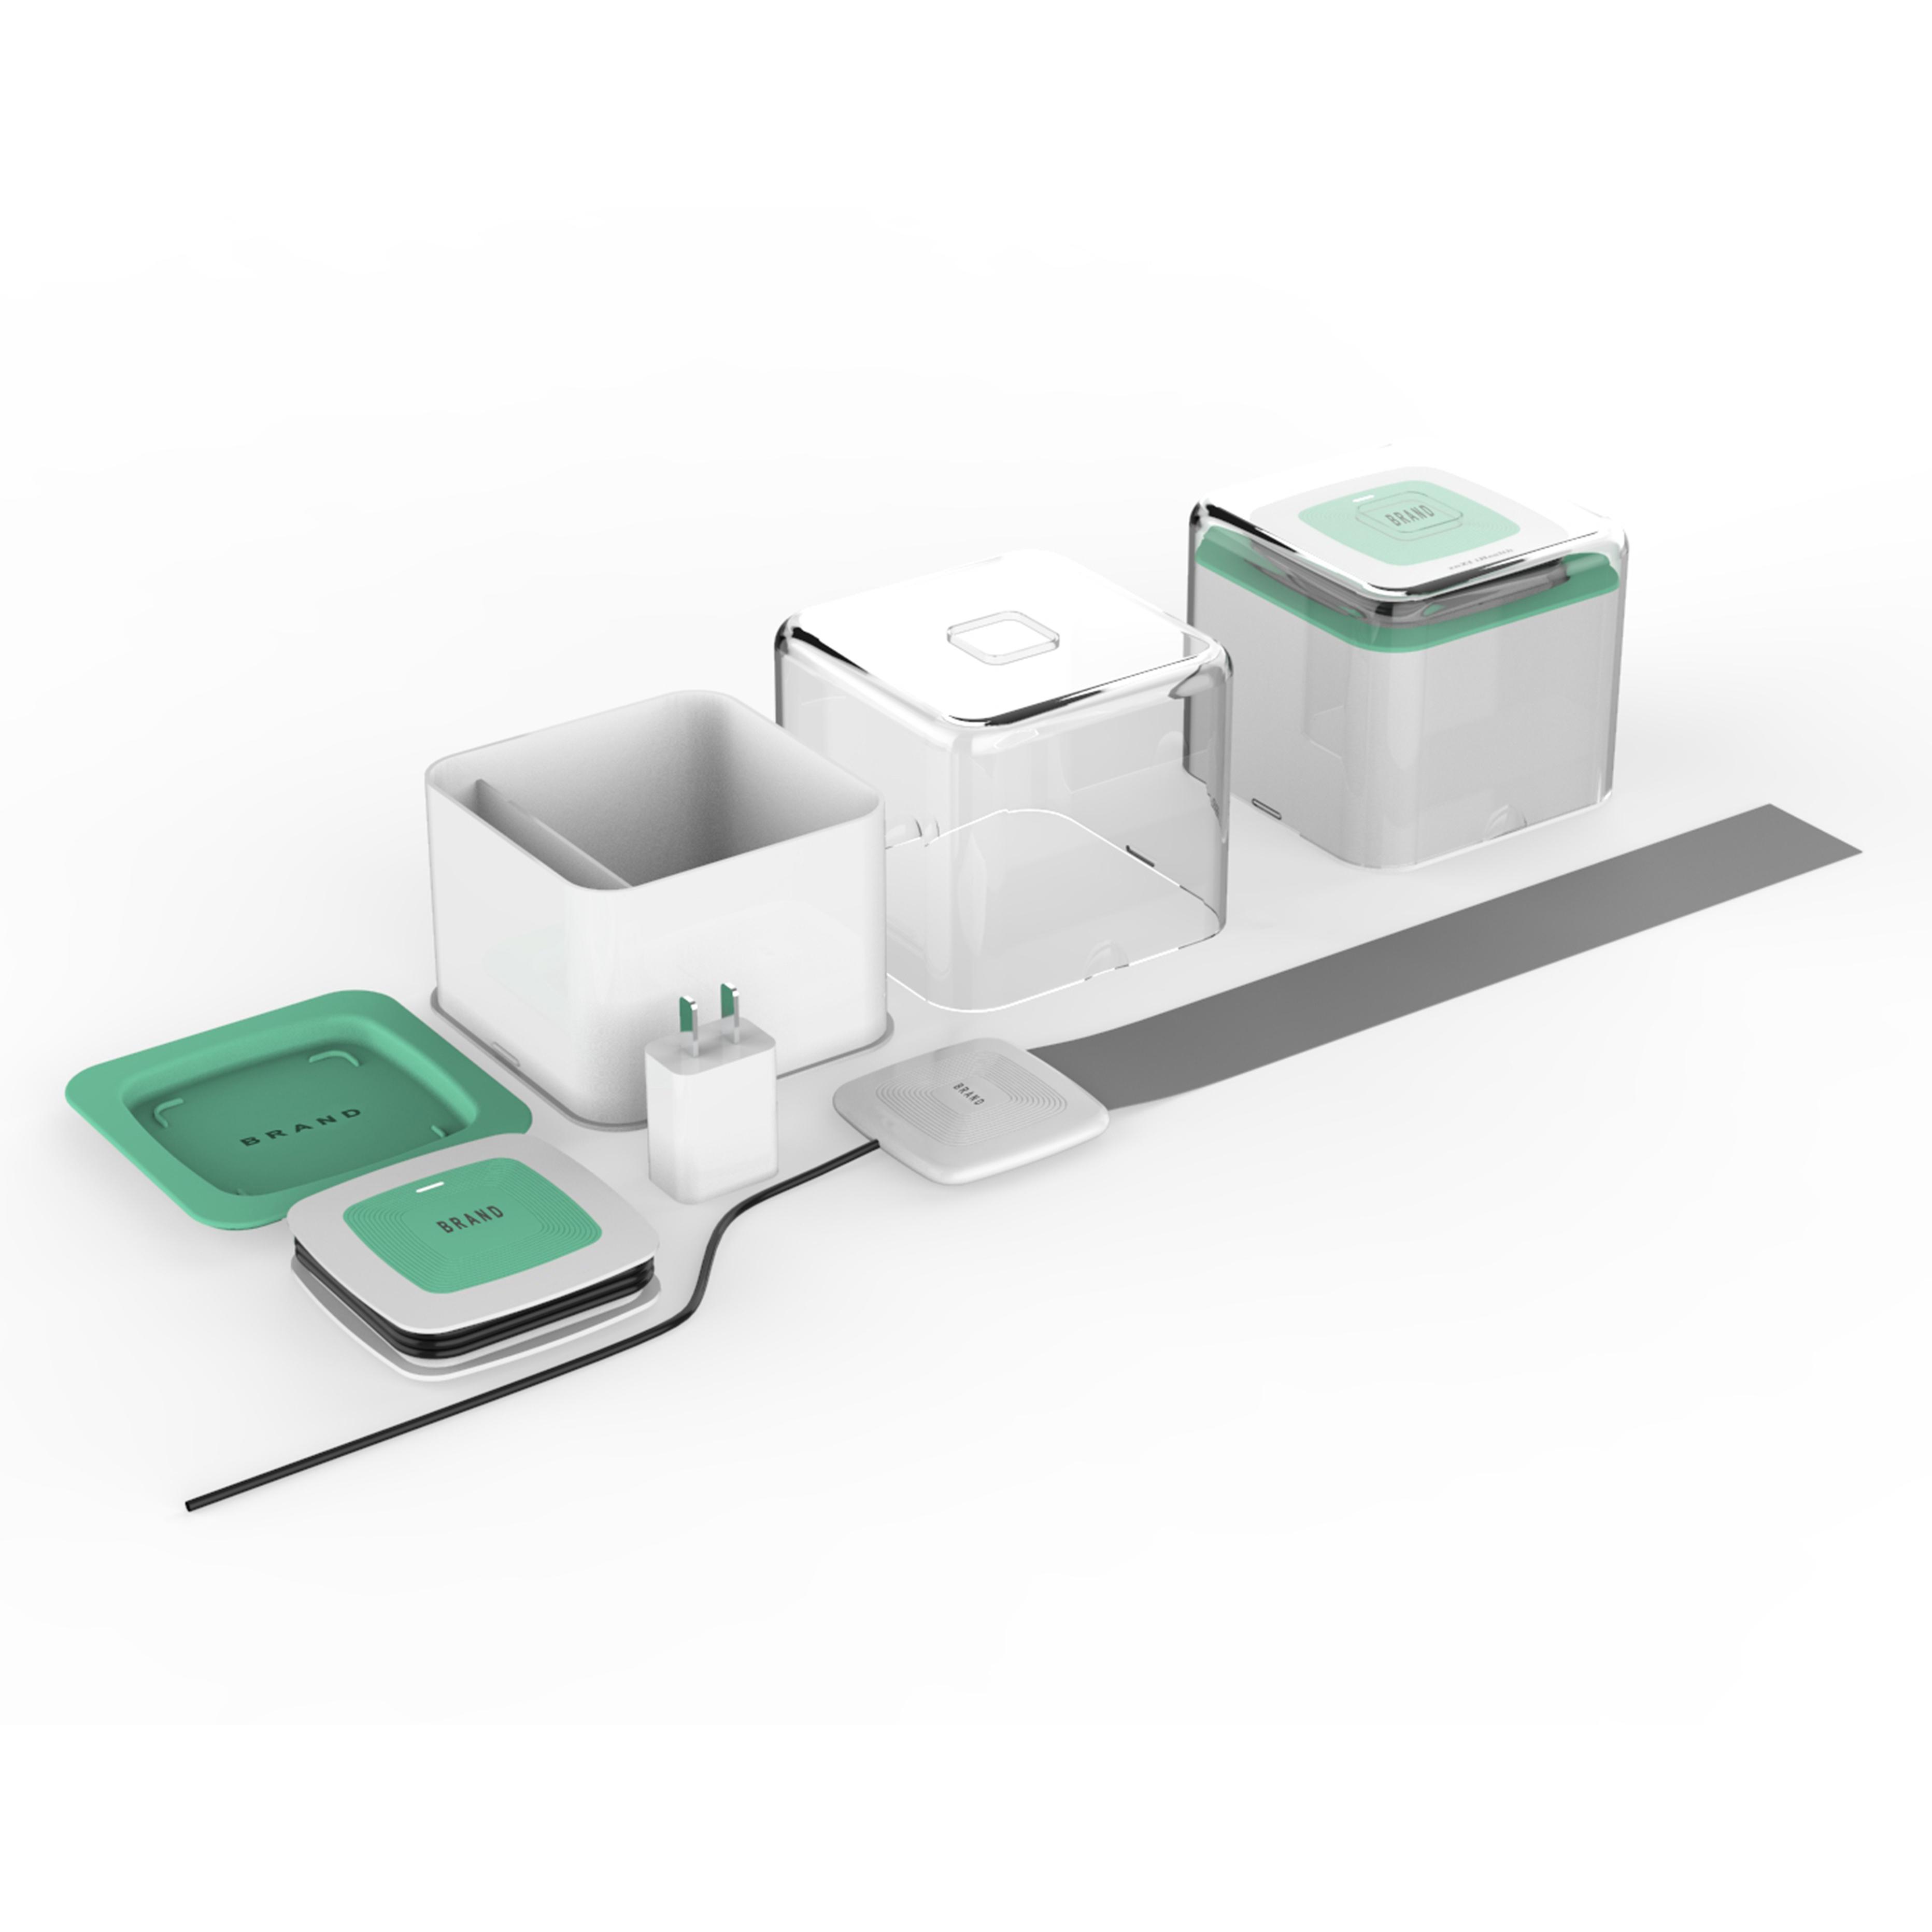 睡眠质量监测仪